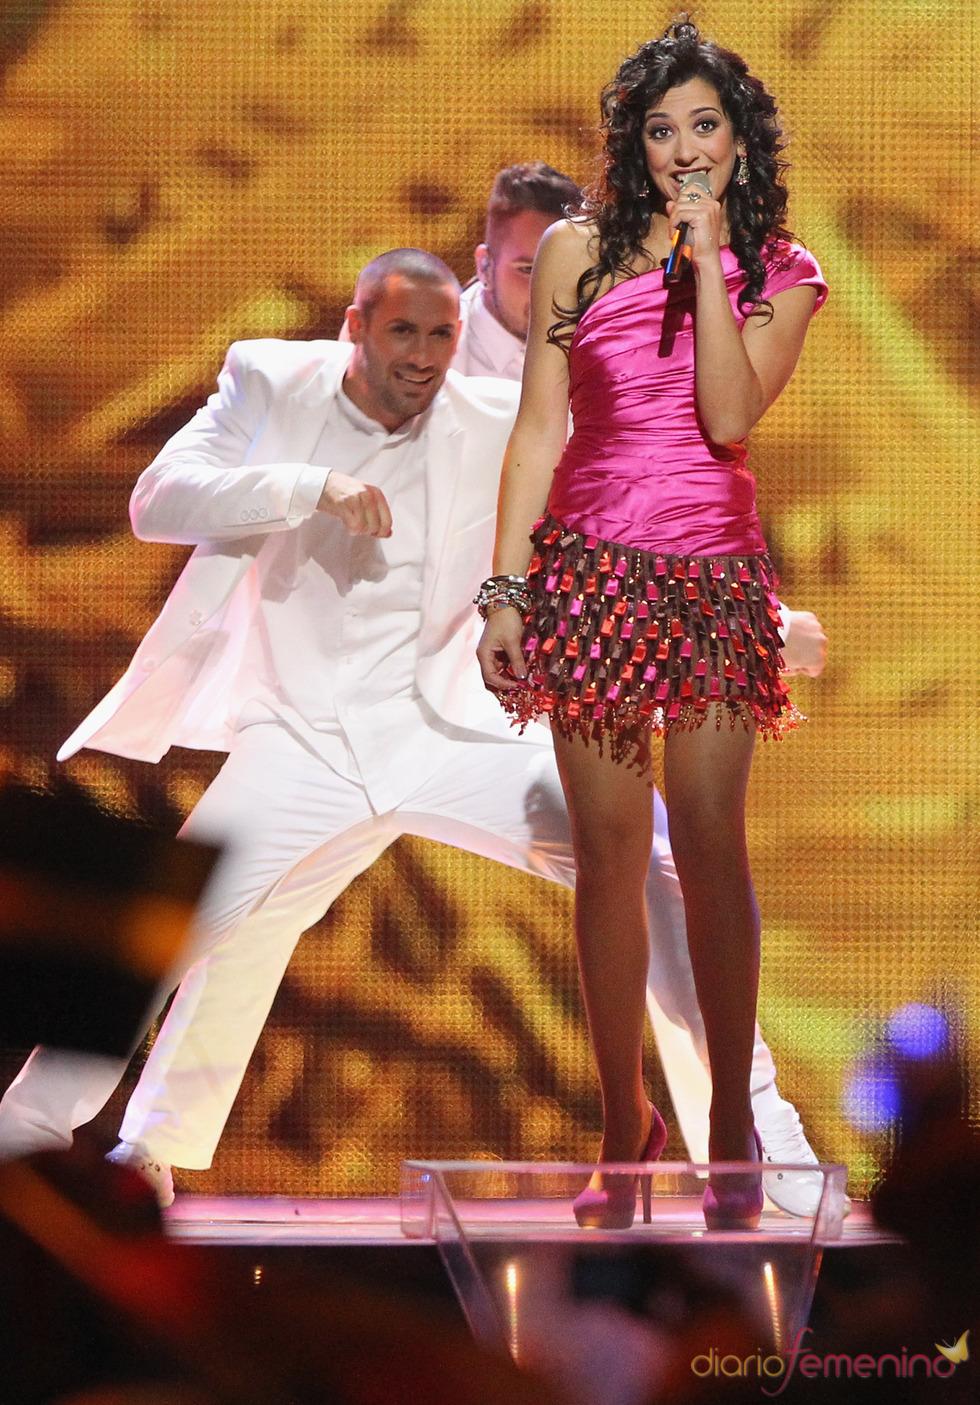 Lucía Pérez durante la actuación en Eurovisión 2011